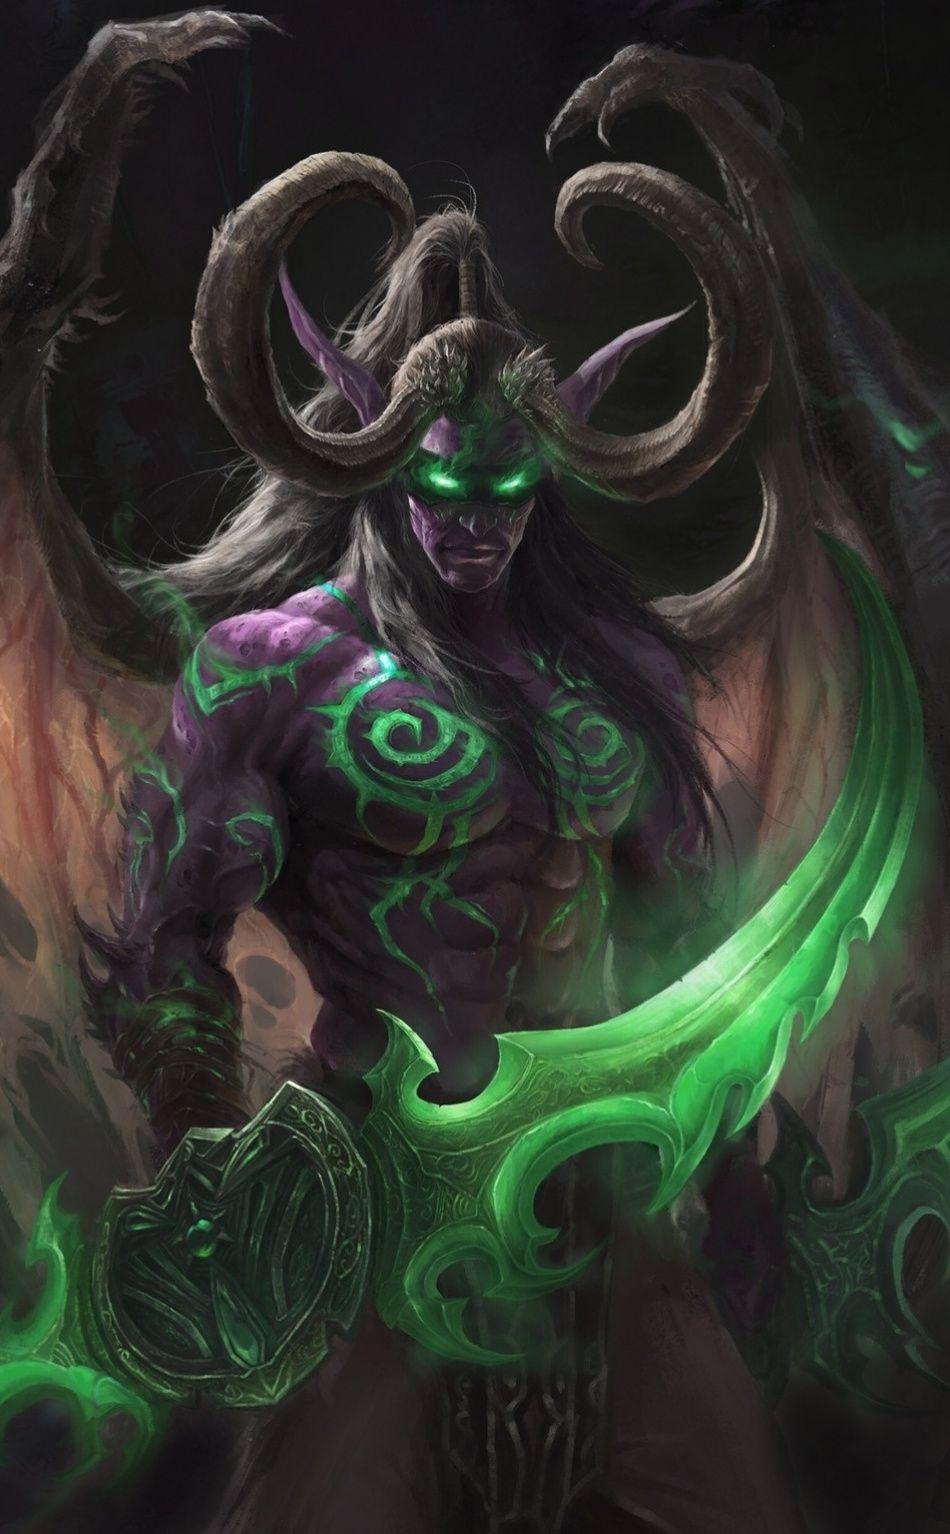 Night Elves World Of Warcraft Art 950x1534 Wallpaper World Of Warcraft World Of Warcraft Characters World Of Warcraft Wallpaper